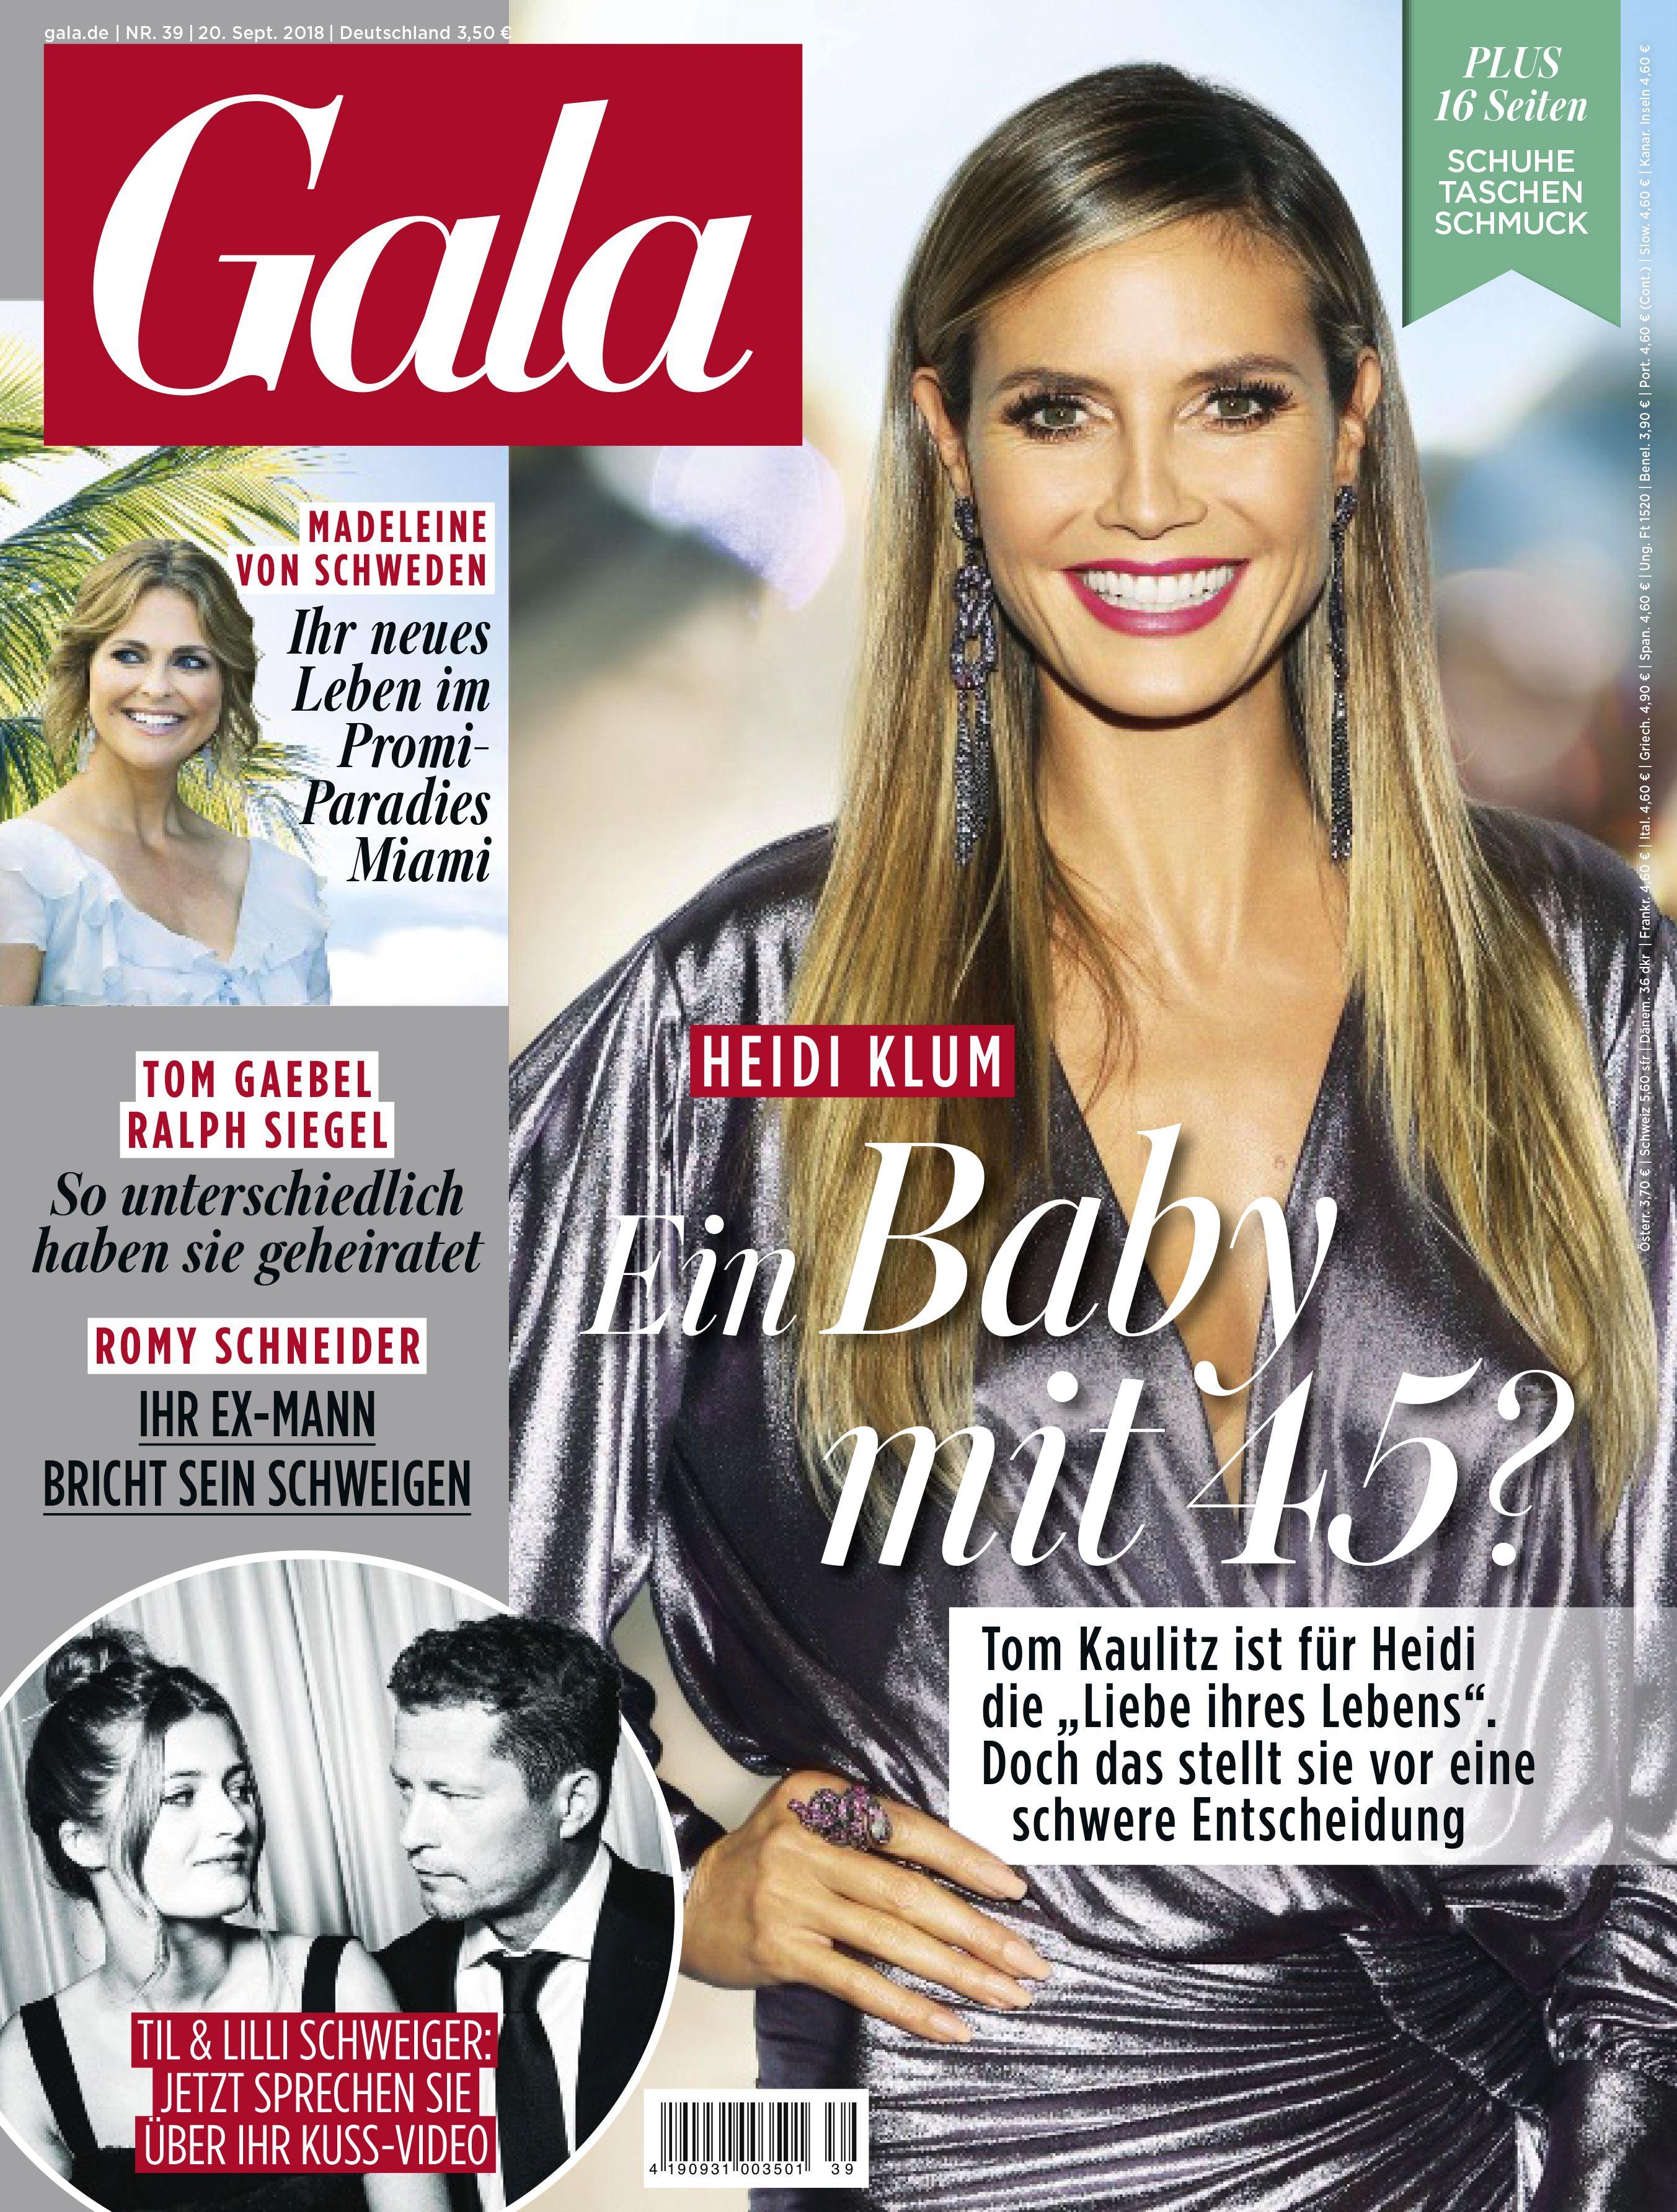 Heidi Klum und Tom Kaulitz: Bilder ihrer Liebe | Gala ...